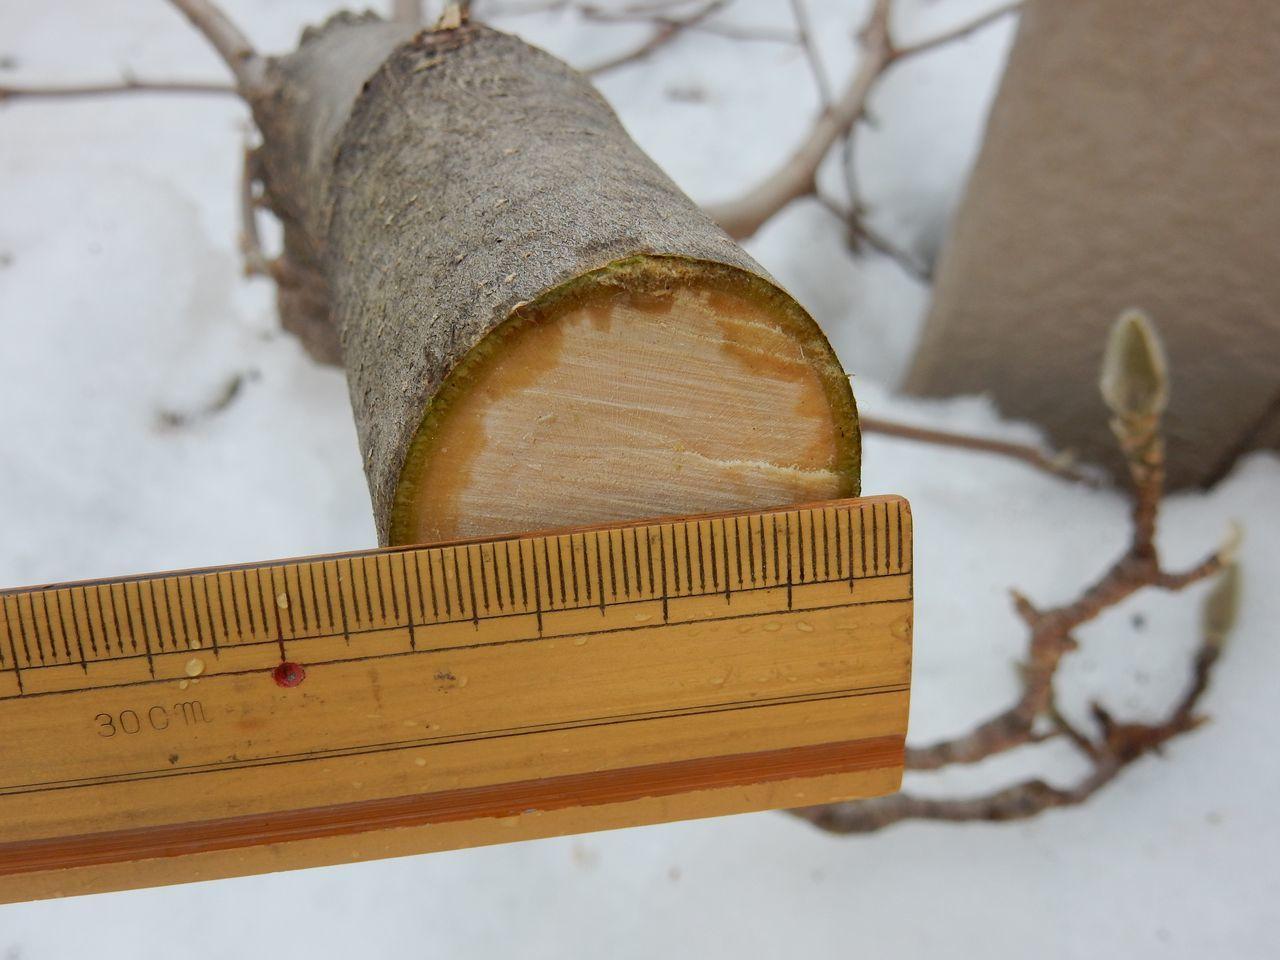 雪の深いうちにモクレンの太い枝を剪定する_c0025115_21582716.jpg